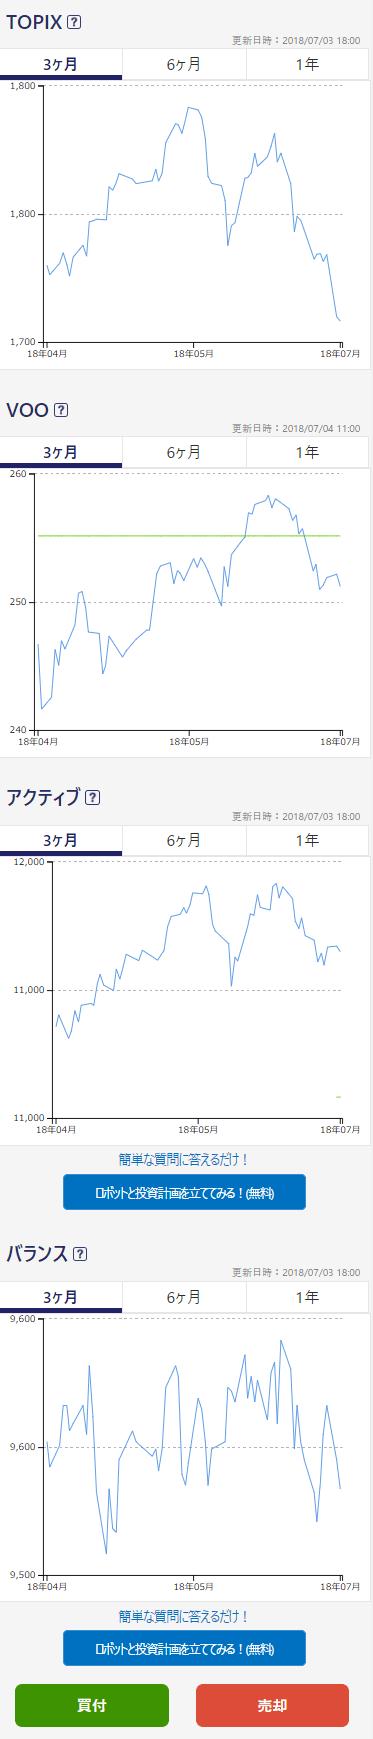 永久不滅ポイントのポイント運用サービス チャート画面